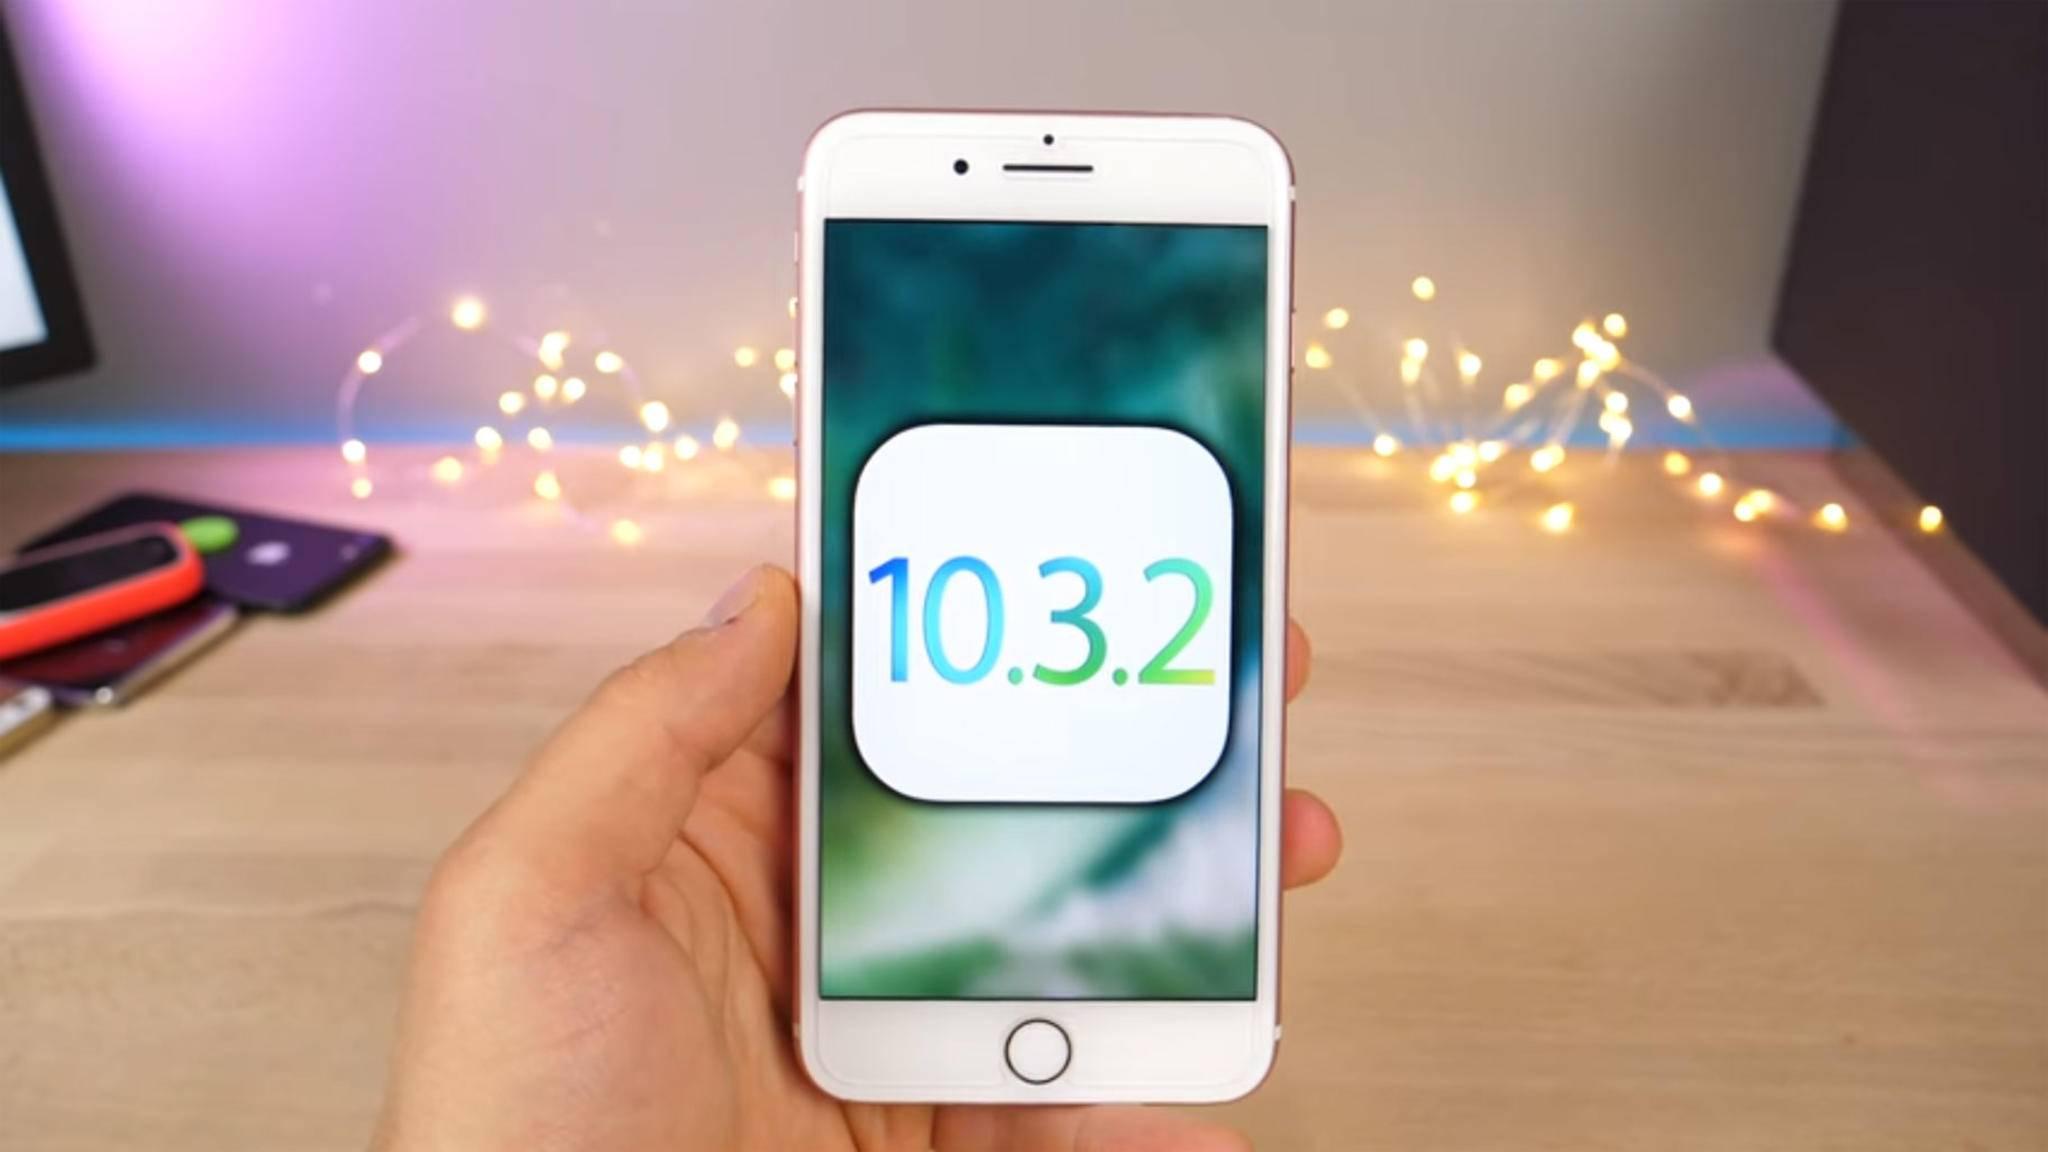 Eigentlich sollte iOS 10.3.2 nur Bugs fixen und die Sicherheit verbessern, bei einigen Usern reduzierte das Update aber offenbar die Akkulaufzeit.